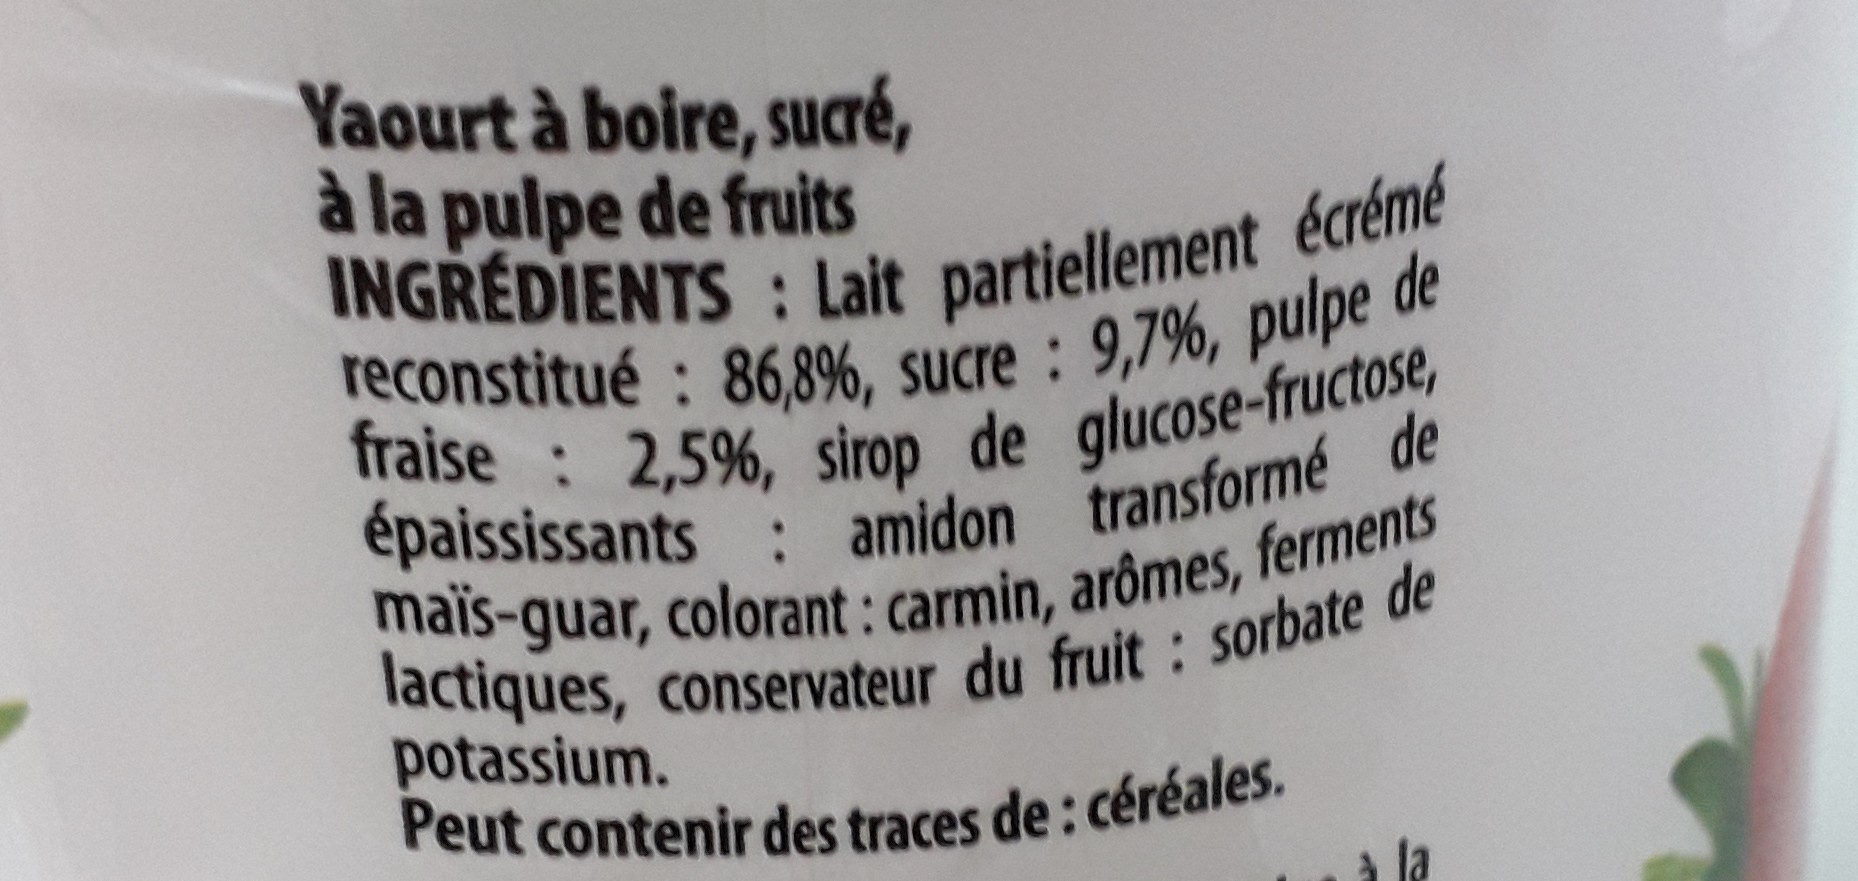 Yaourt a boire fraise - Ingrédients - fr